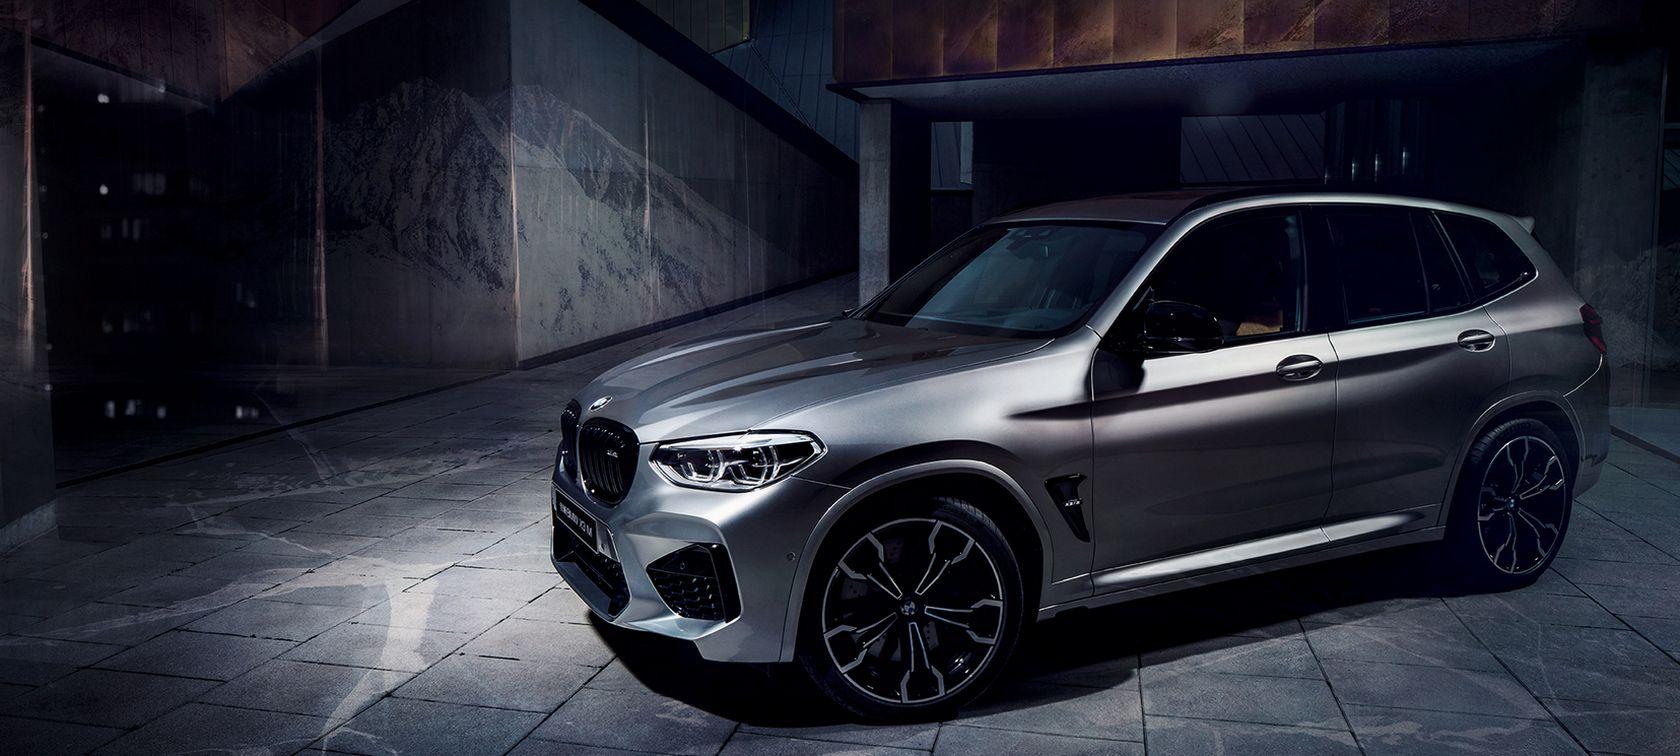 创新BMW X3 M赛道基因驭惊雷 撼山海